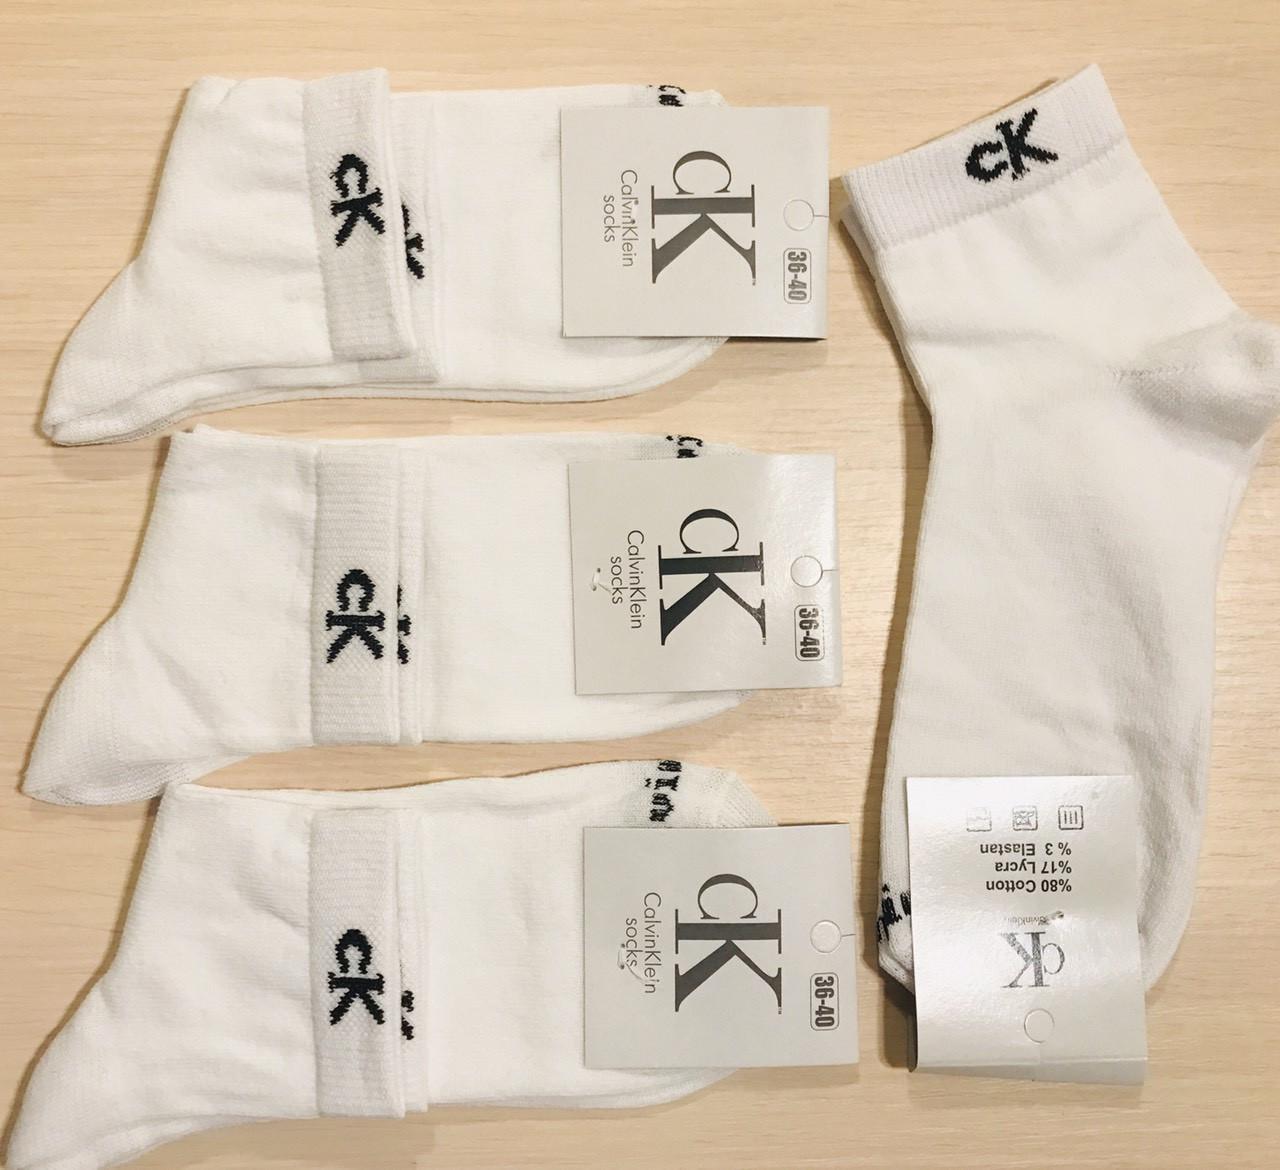 Носки демисезонные хлопок CalvinKlein Турция размер 36-40 белые